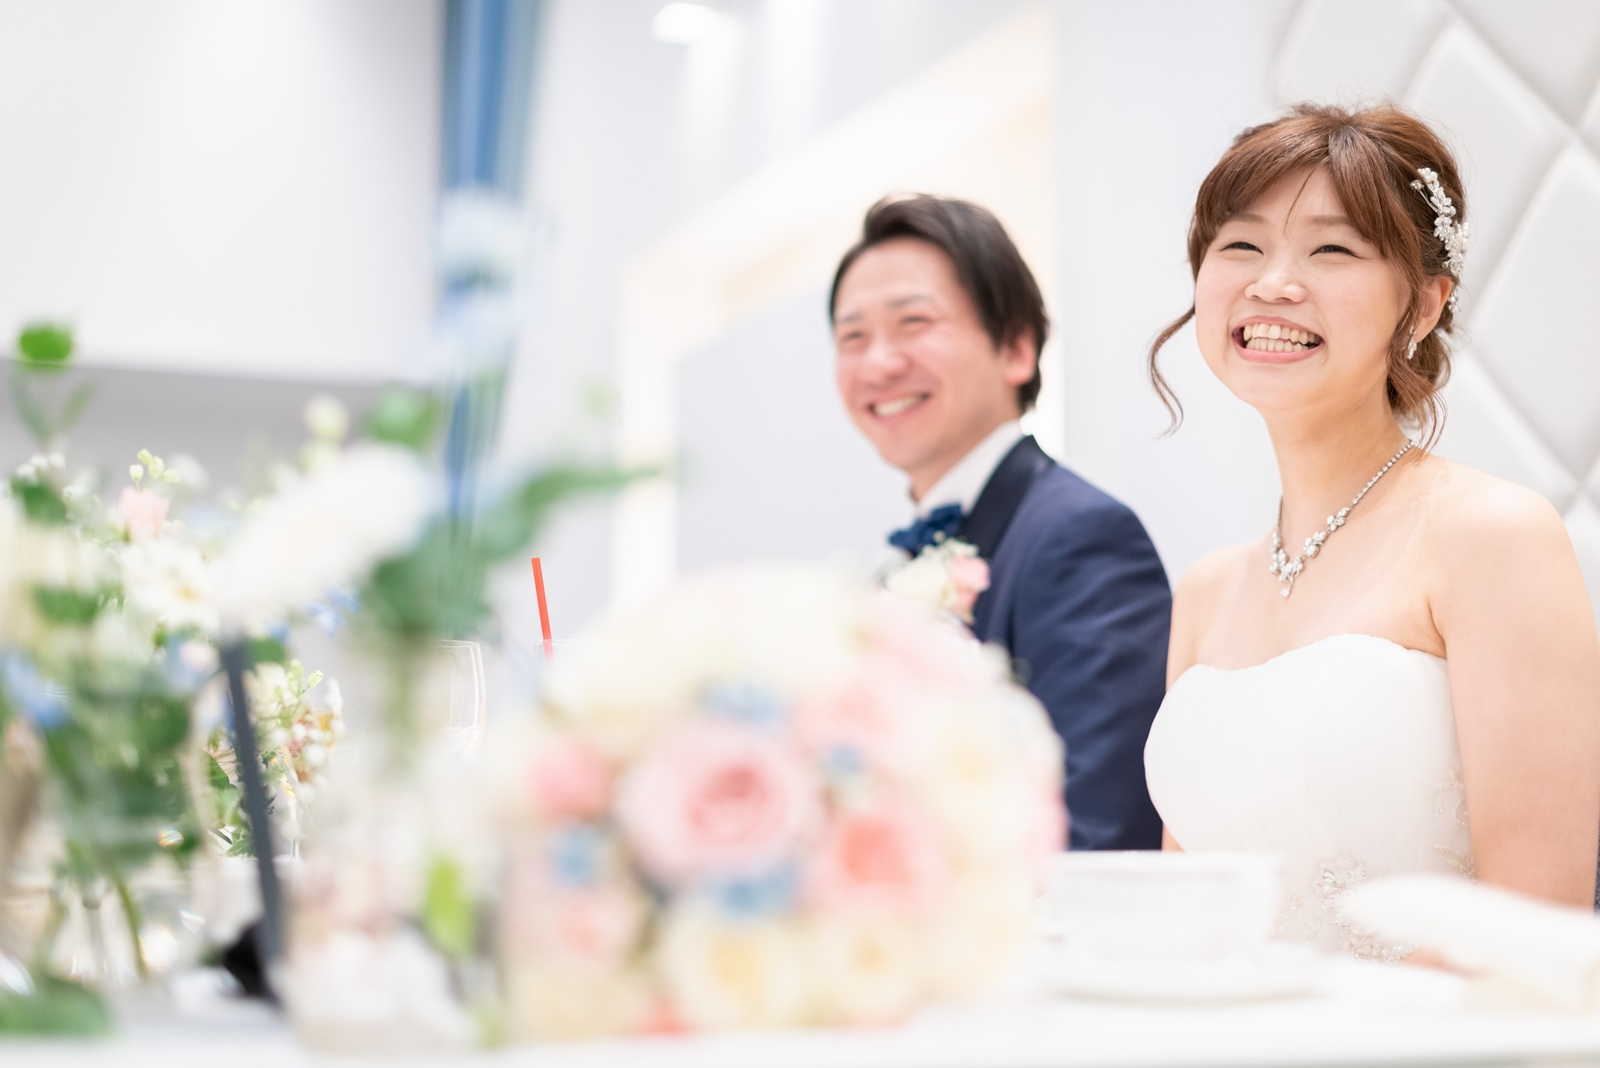 香川県の結婚式場のシェルエメール&アイスタイル 新郎新婦